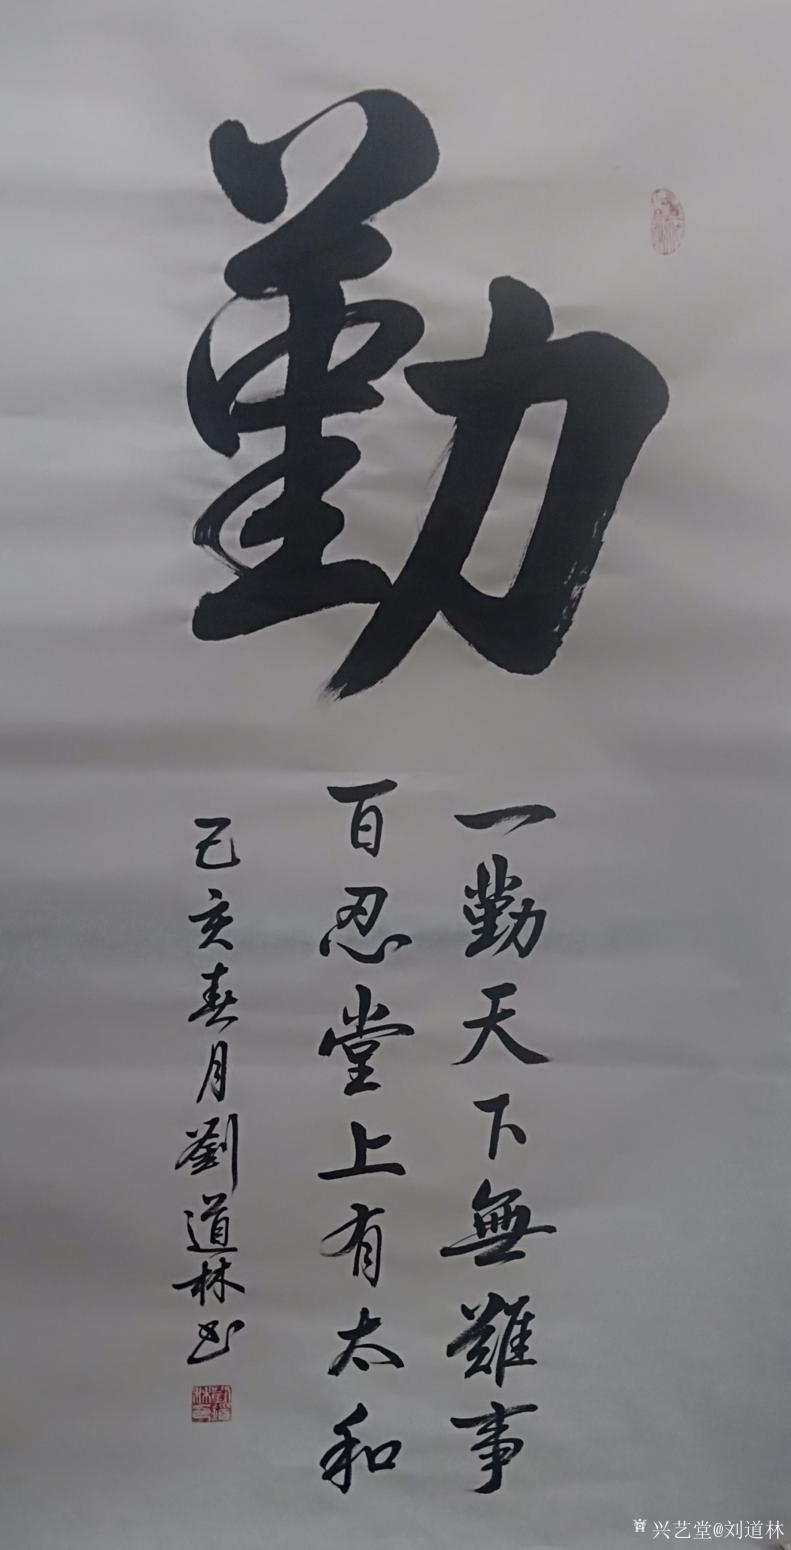 刘道林书法作品《勤》